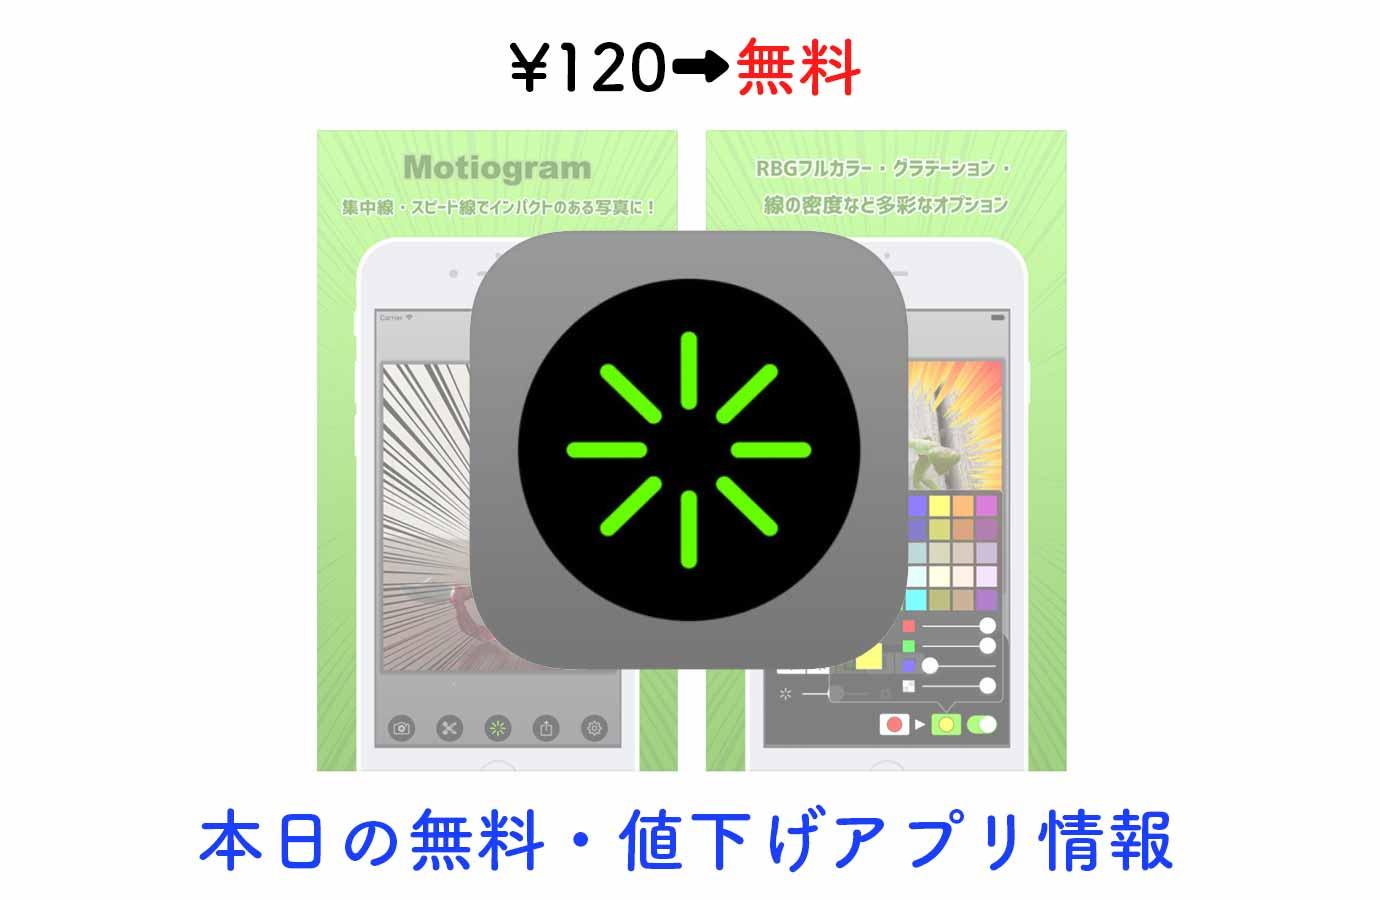 ¥120→無料、集中線やスピード線で写真にインパクトをだせる「Motiogram」など【7/26】本日の無料・値下げアプリ情報